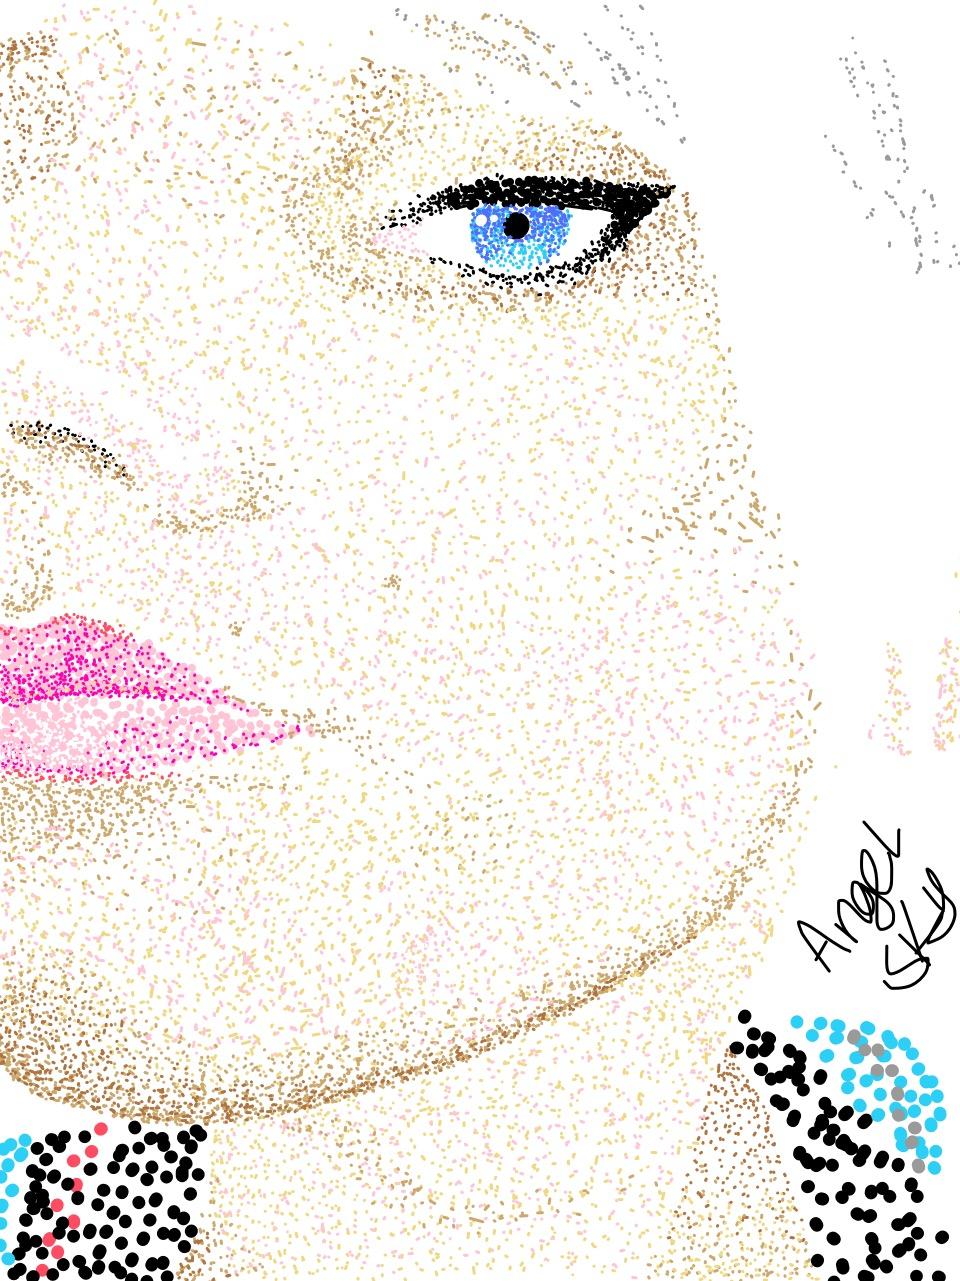 Spots art... SPOTS EVERYWHEEEERE!!!